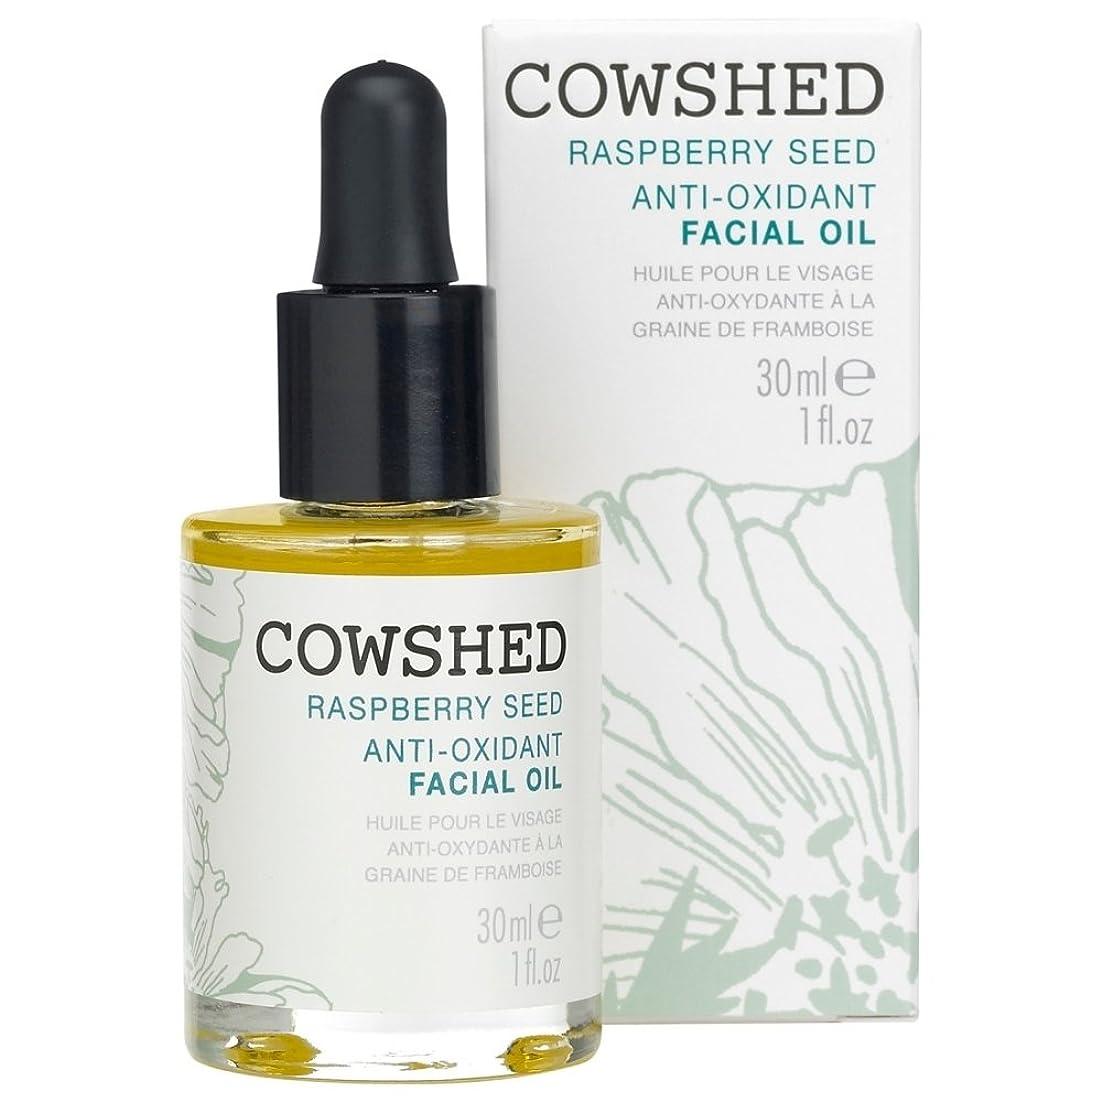 カテゴリー蘇生する判読できない牛舎ラズベリーシード抗酸化フェイシャルオイル30ミリリットル (Cowshed) - Cowshed Raspberry Seed Anti-Oxidant Facial Oil 30ml [並行輸入品]